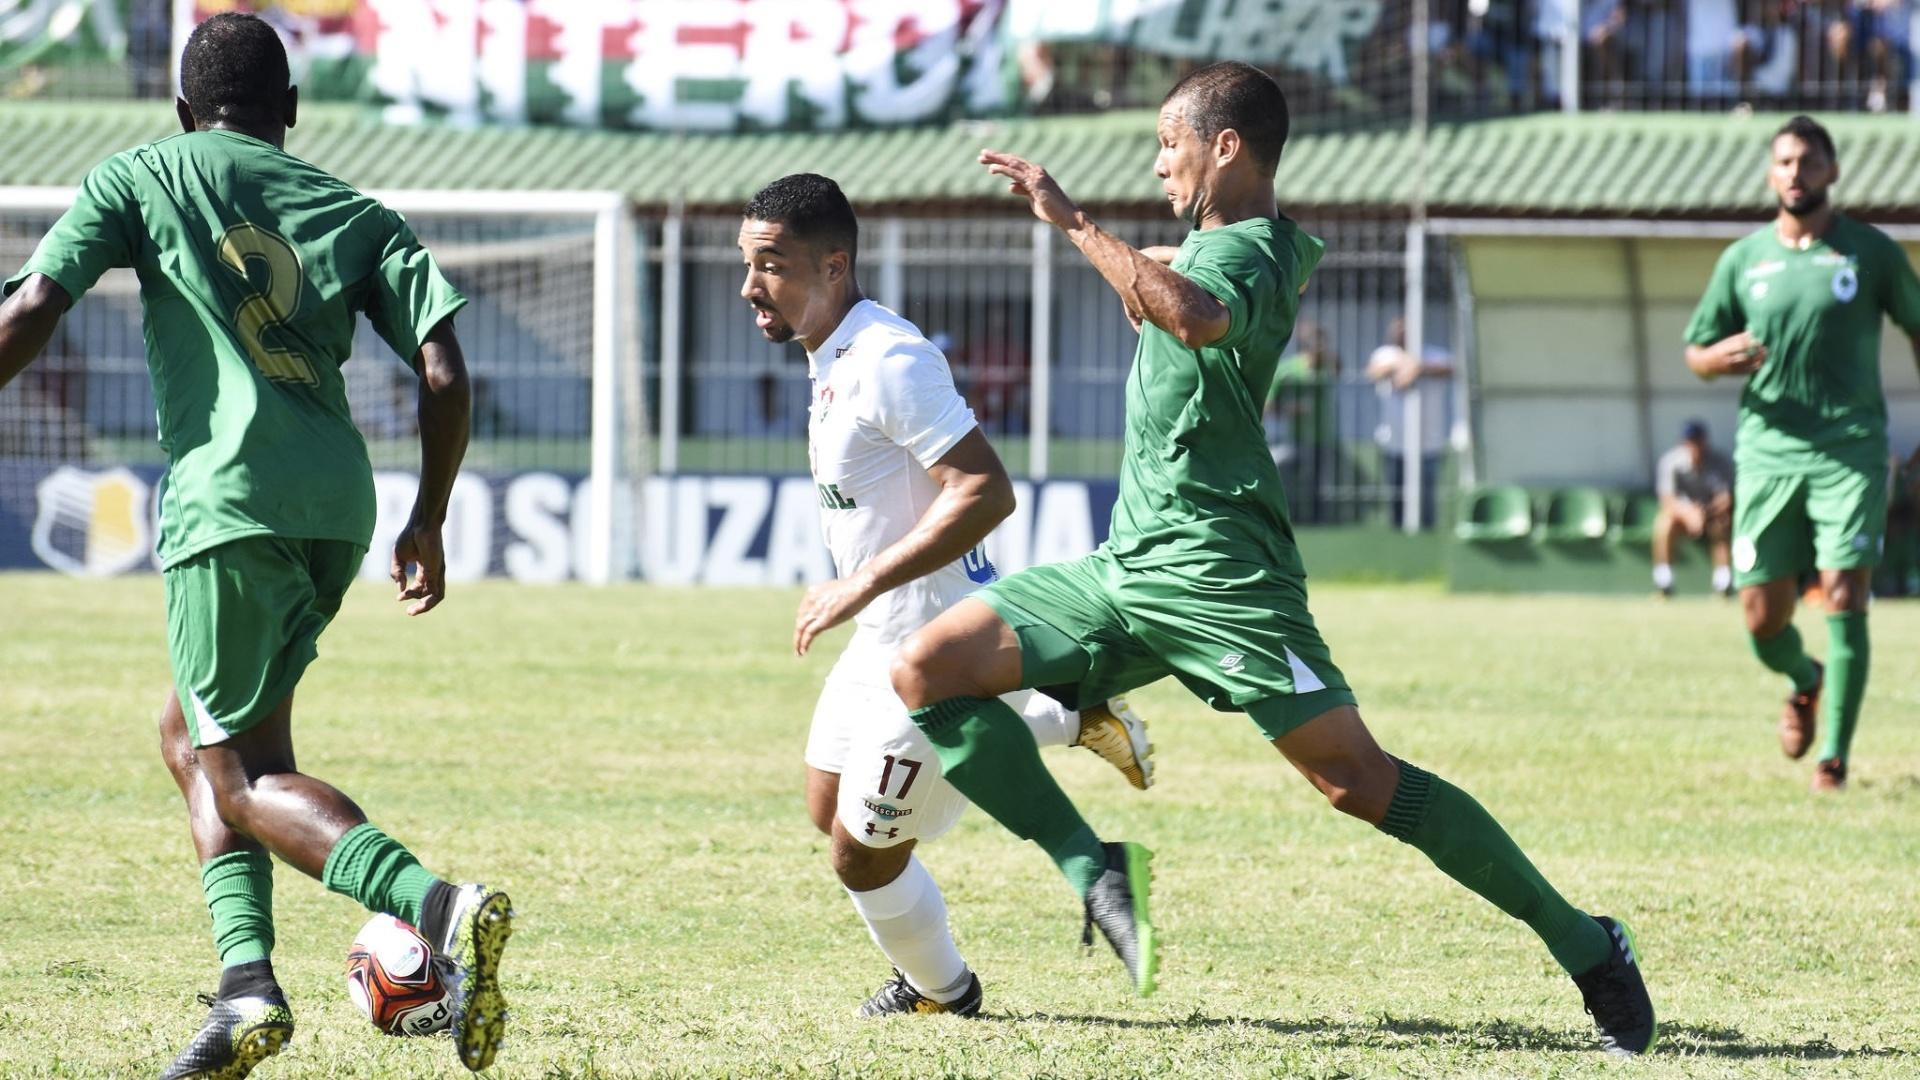 Jogadores de Boavista e Fluminense em disputa de bola